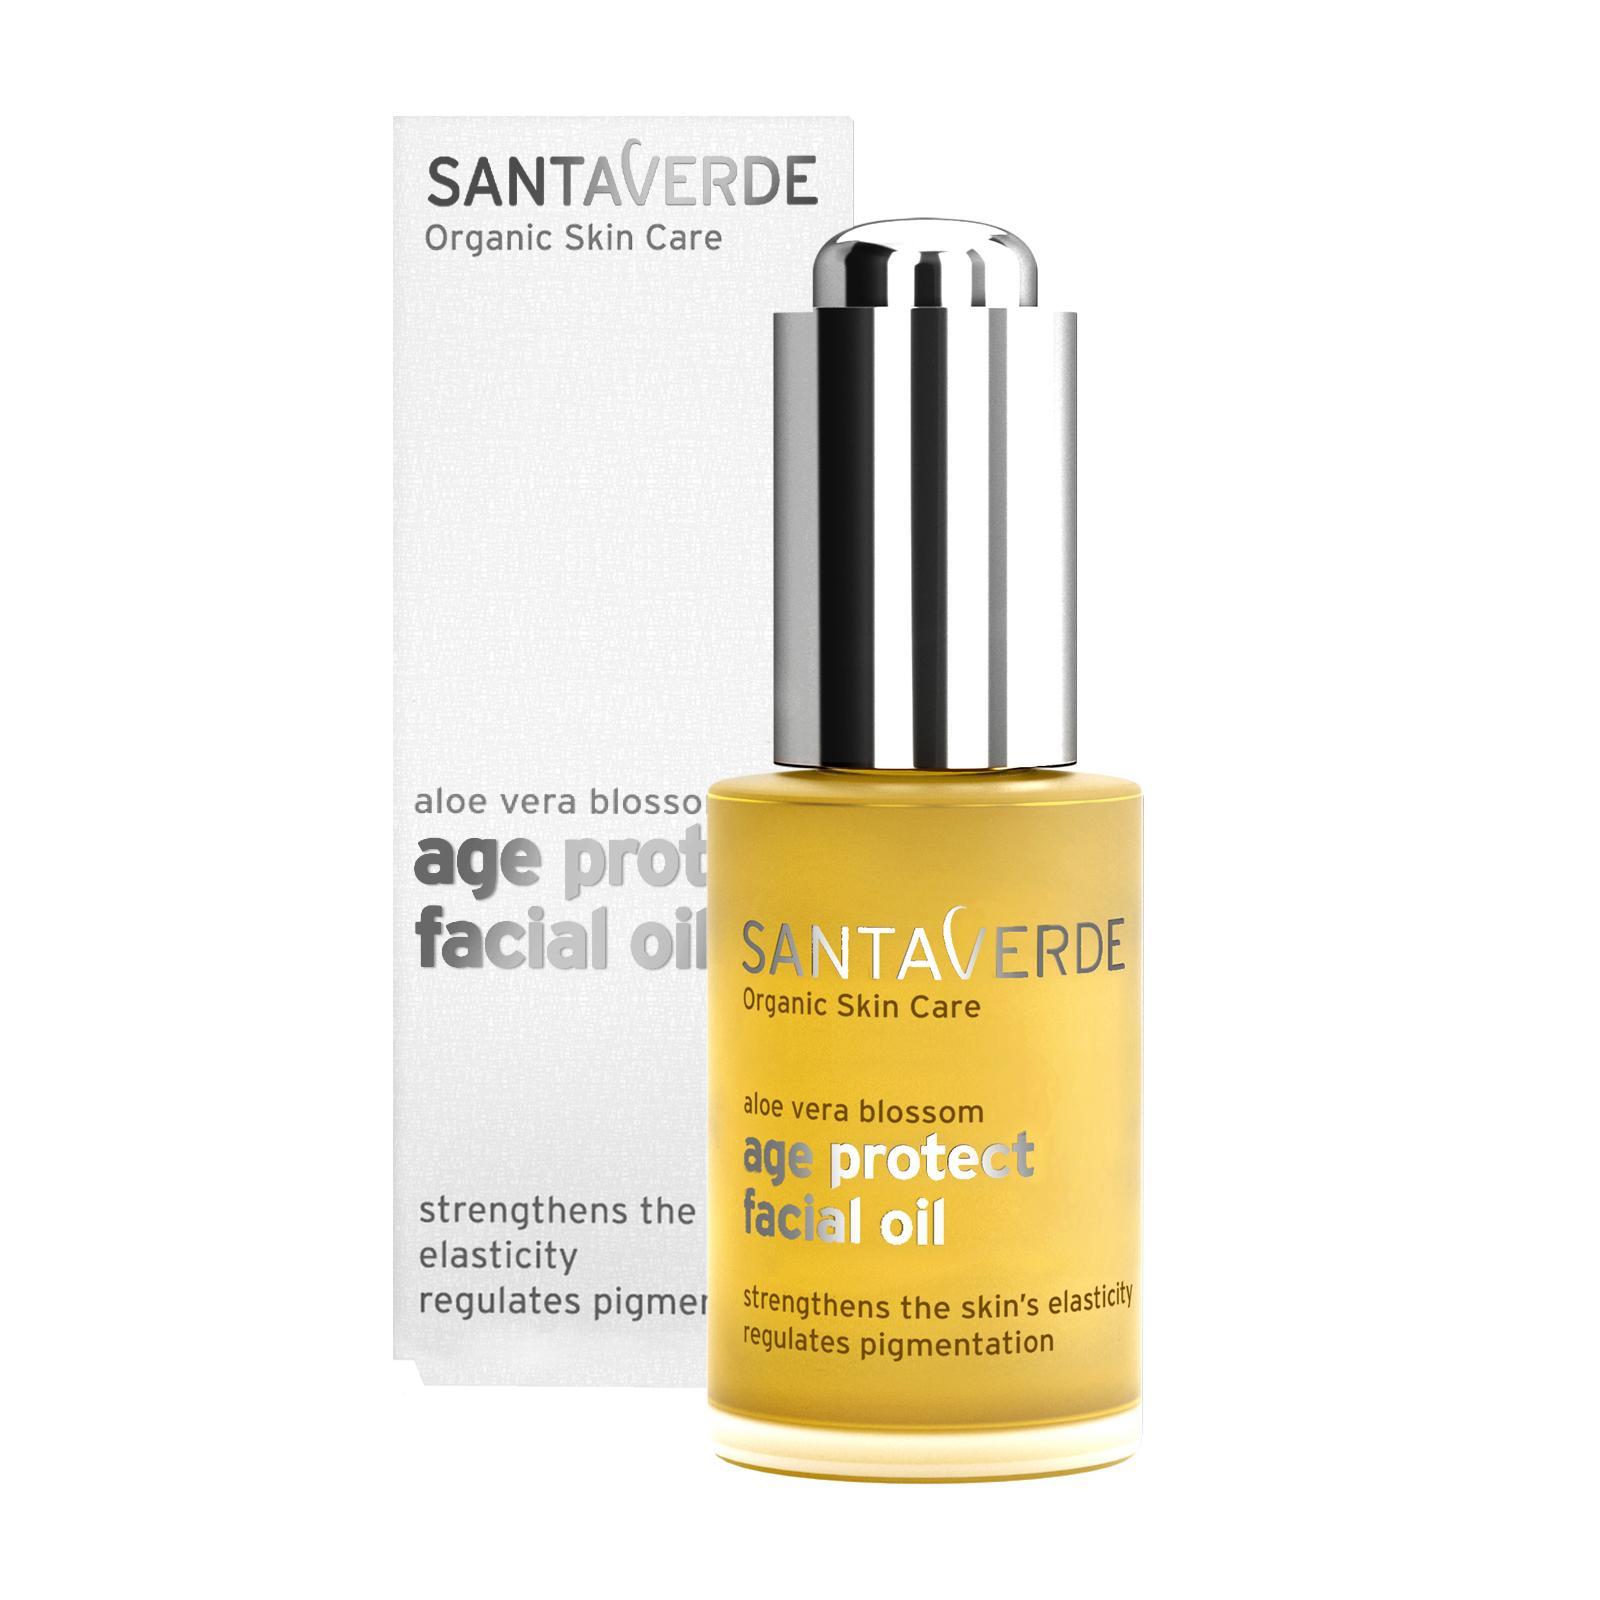 Santaverde Ochranný pleťový olej, age protect 30 ml